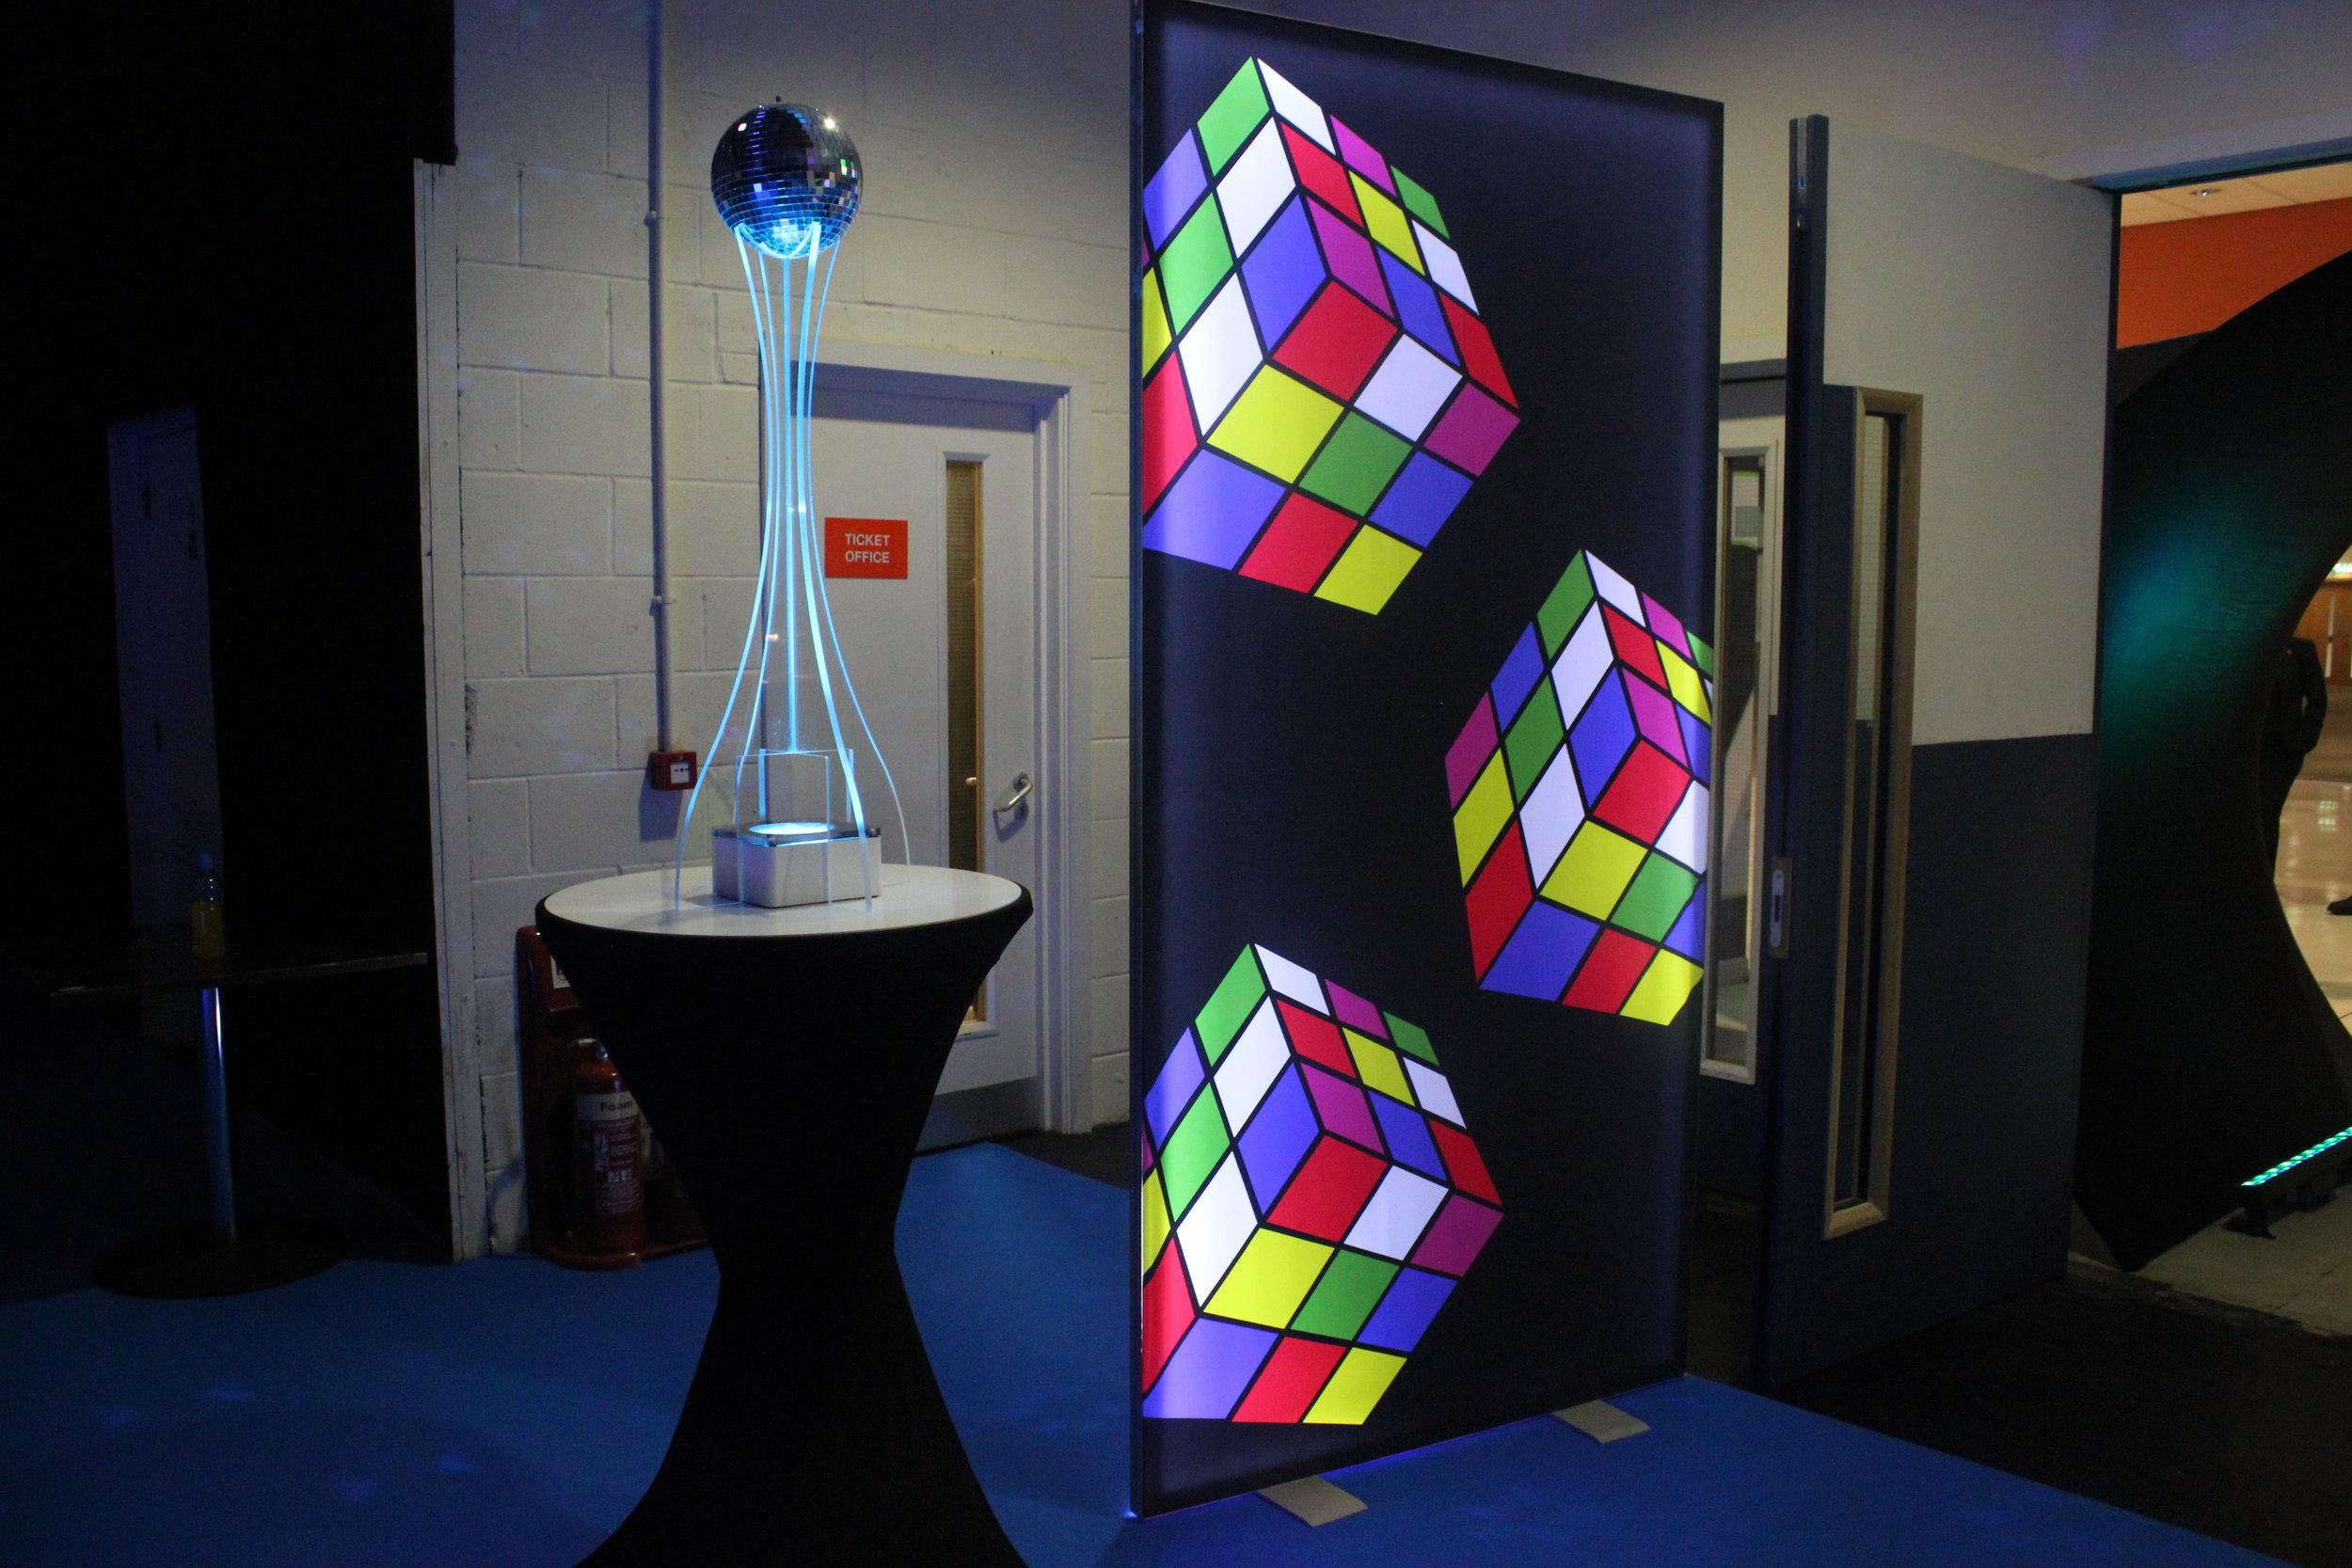 Rubik's cube light panels